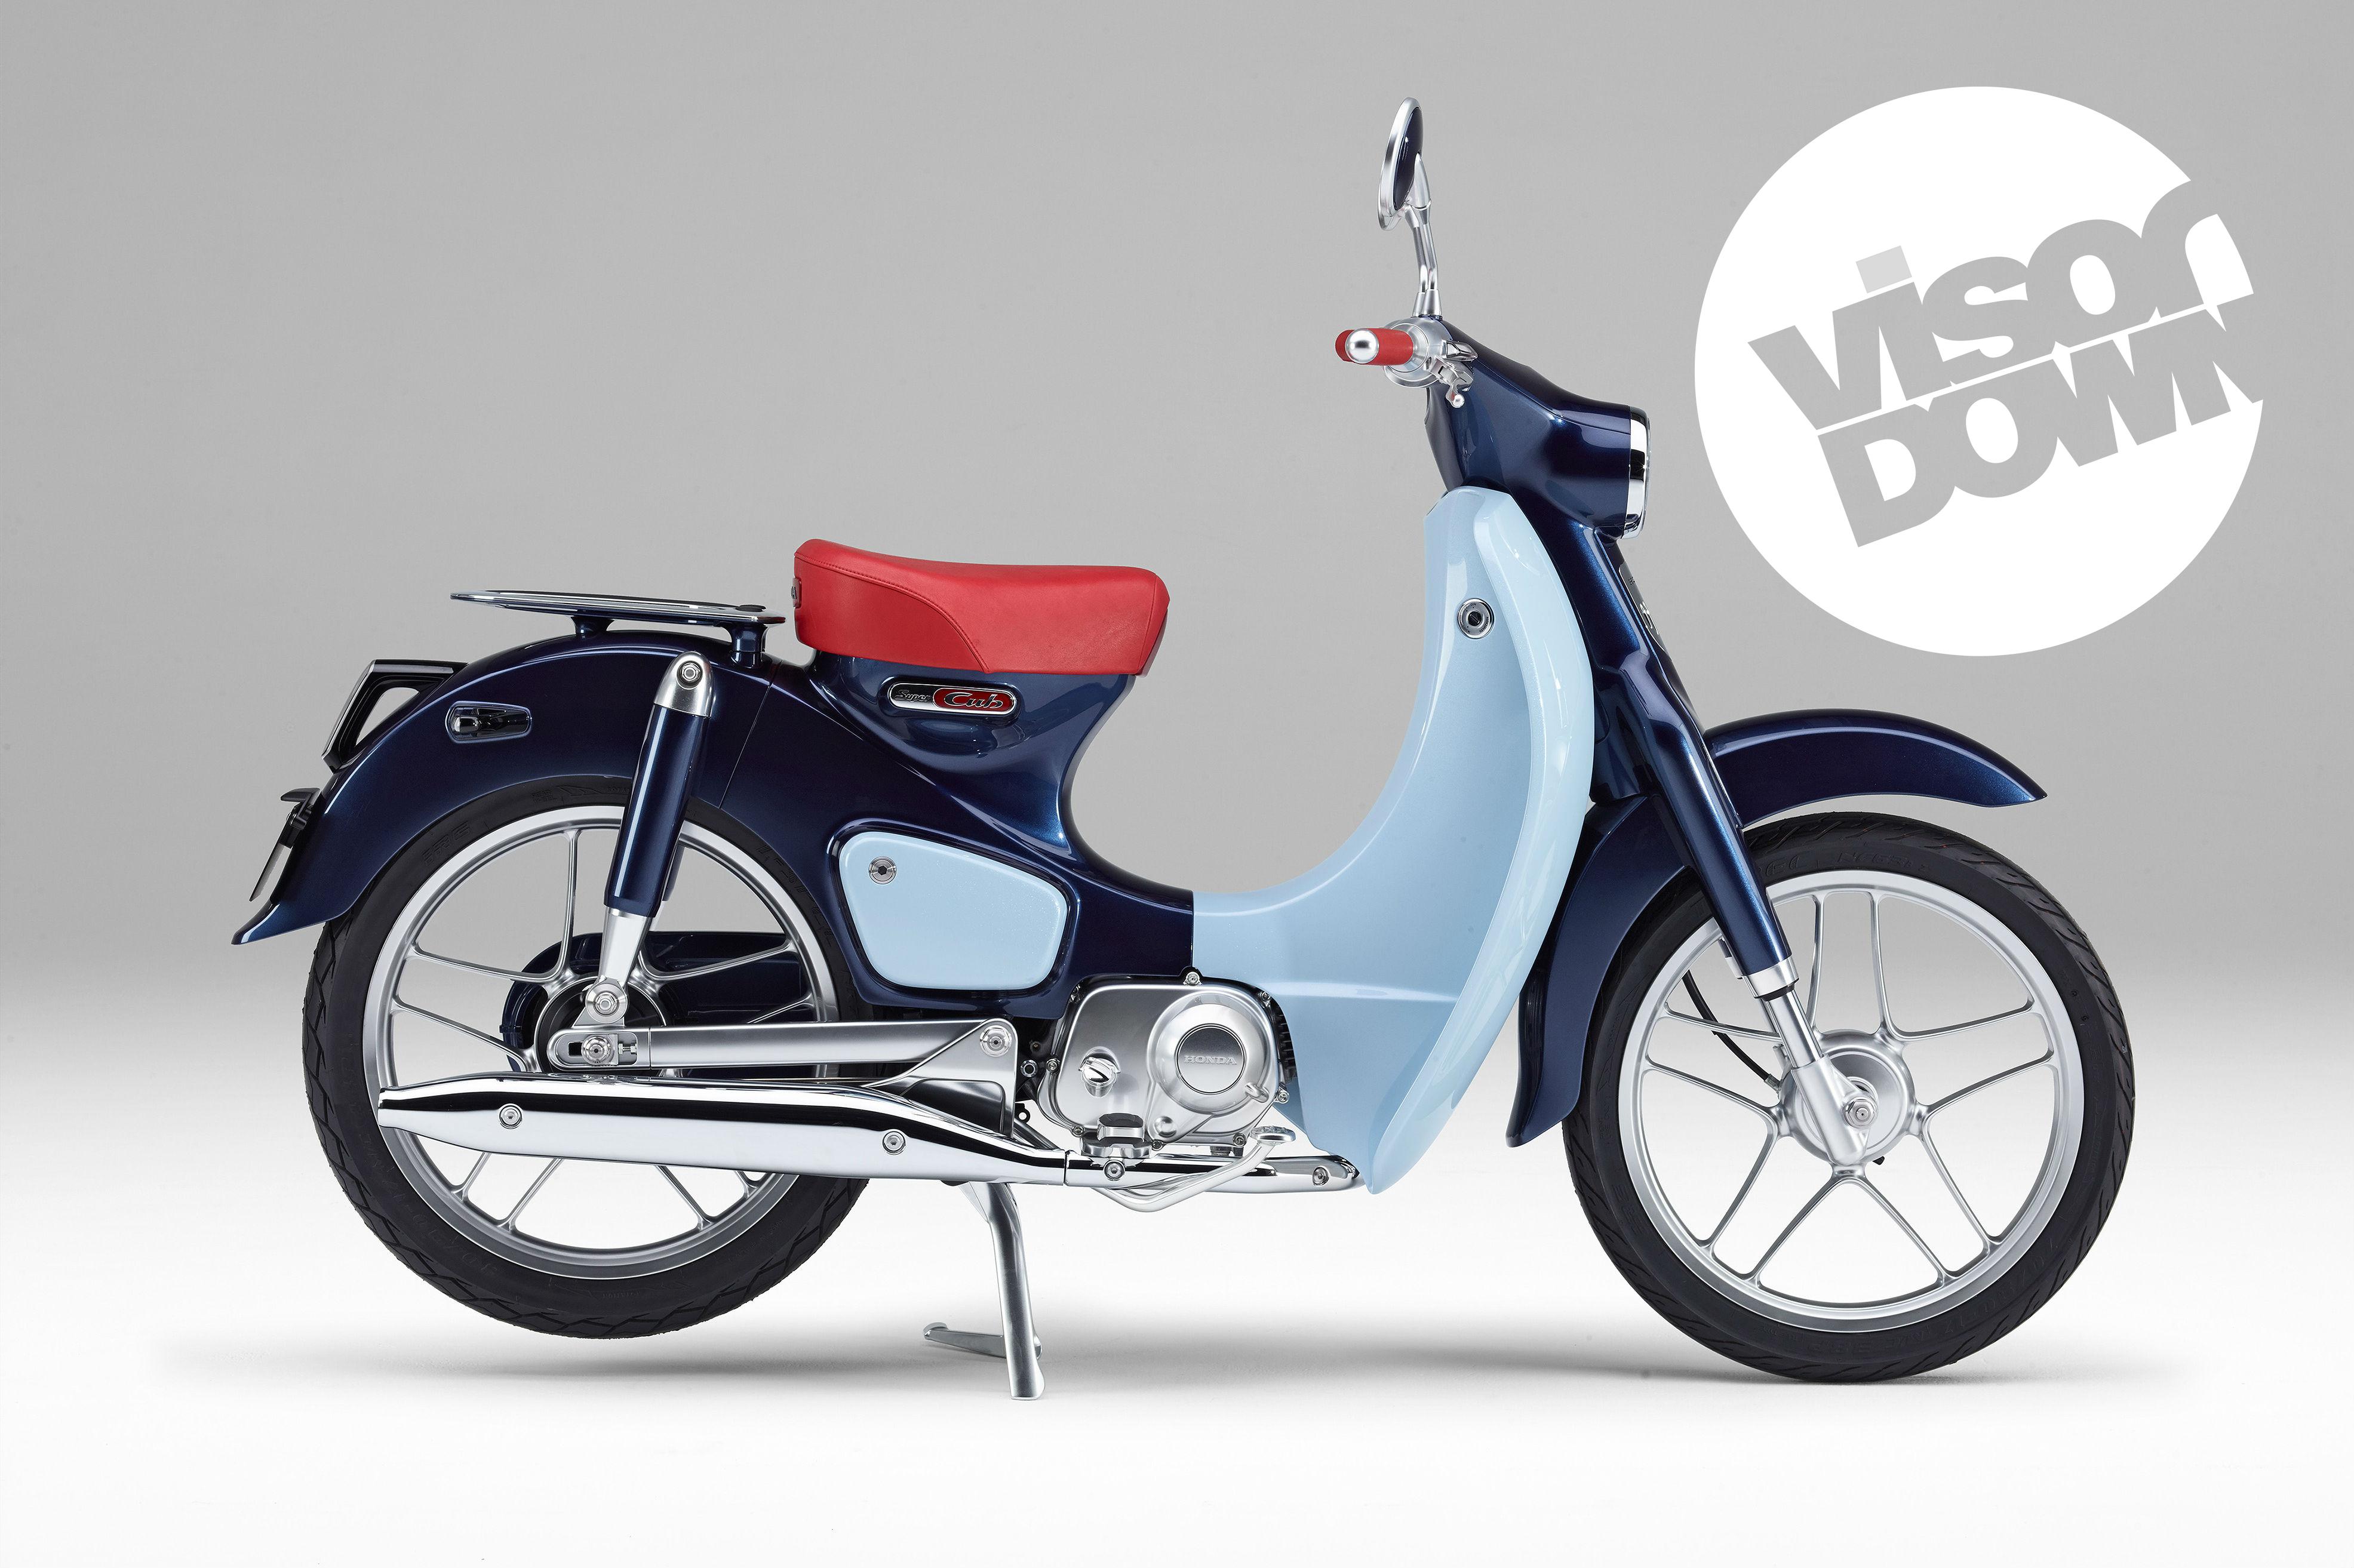 Honda's two Cub concepts